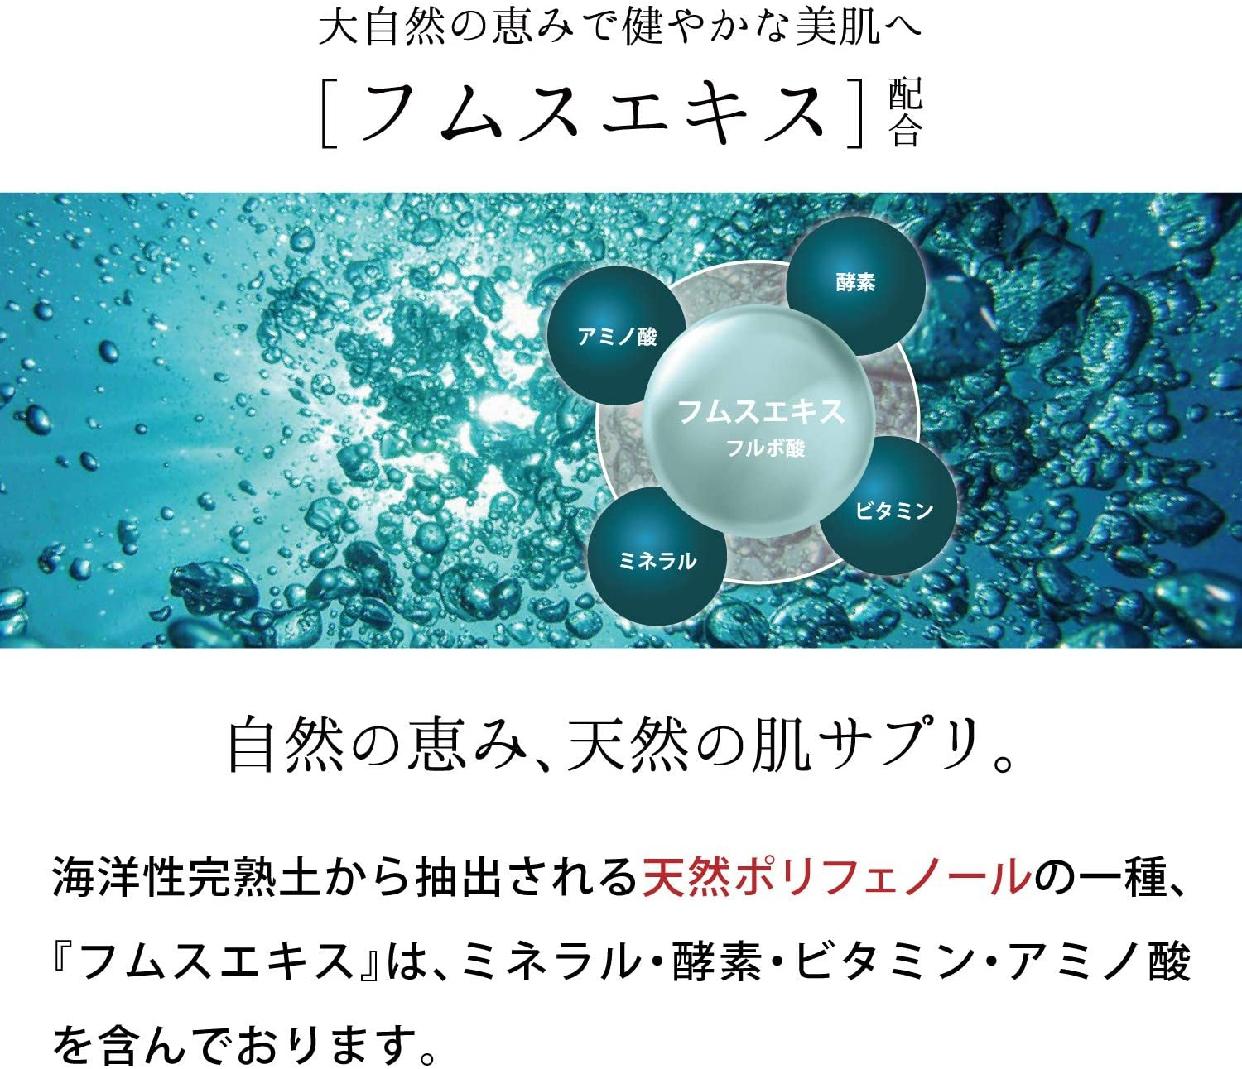 MIMURA(ミムラ)hitogata スキン セラムの商品画像10